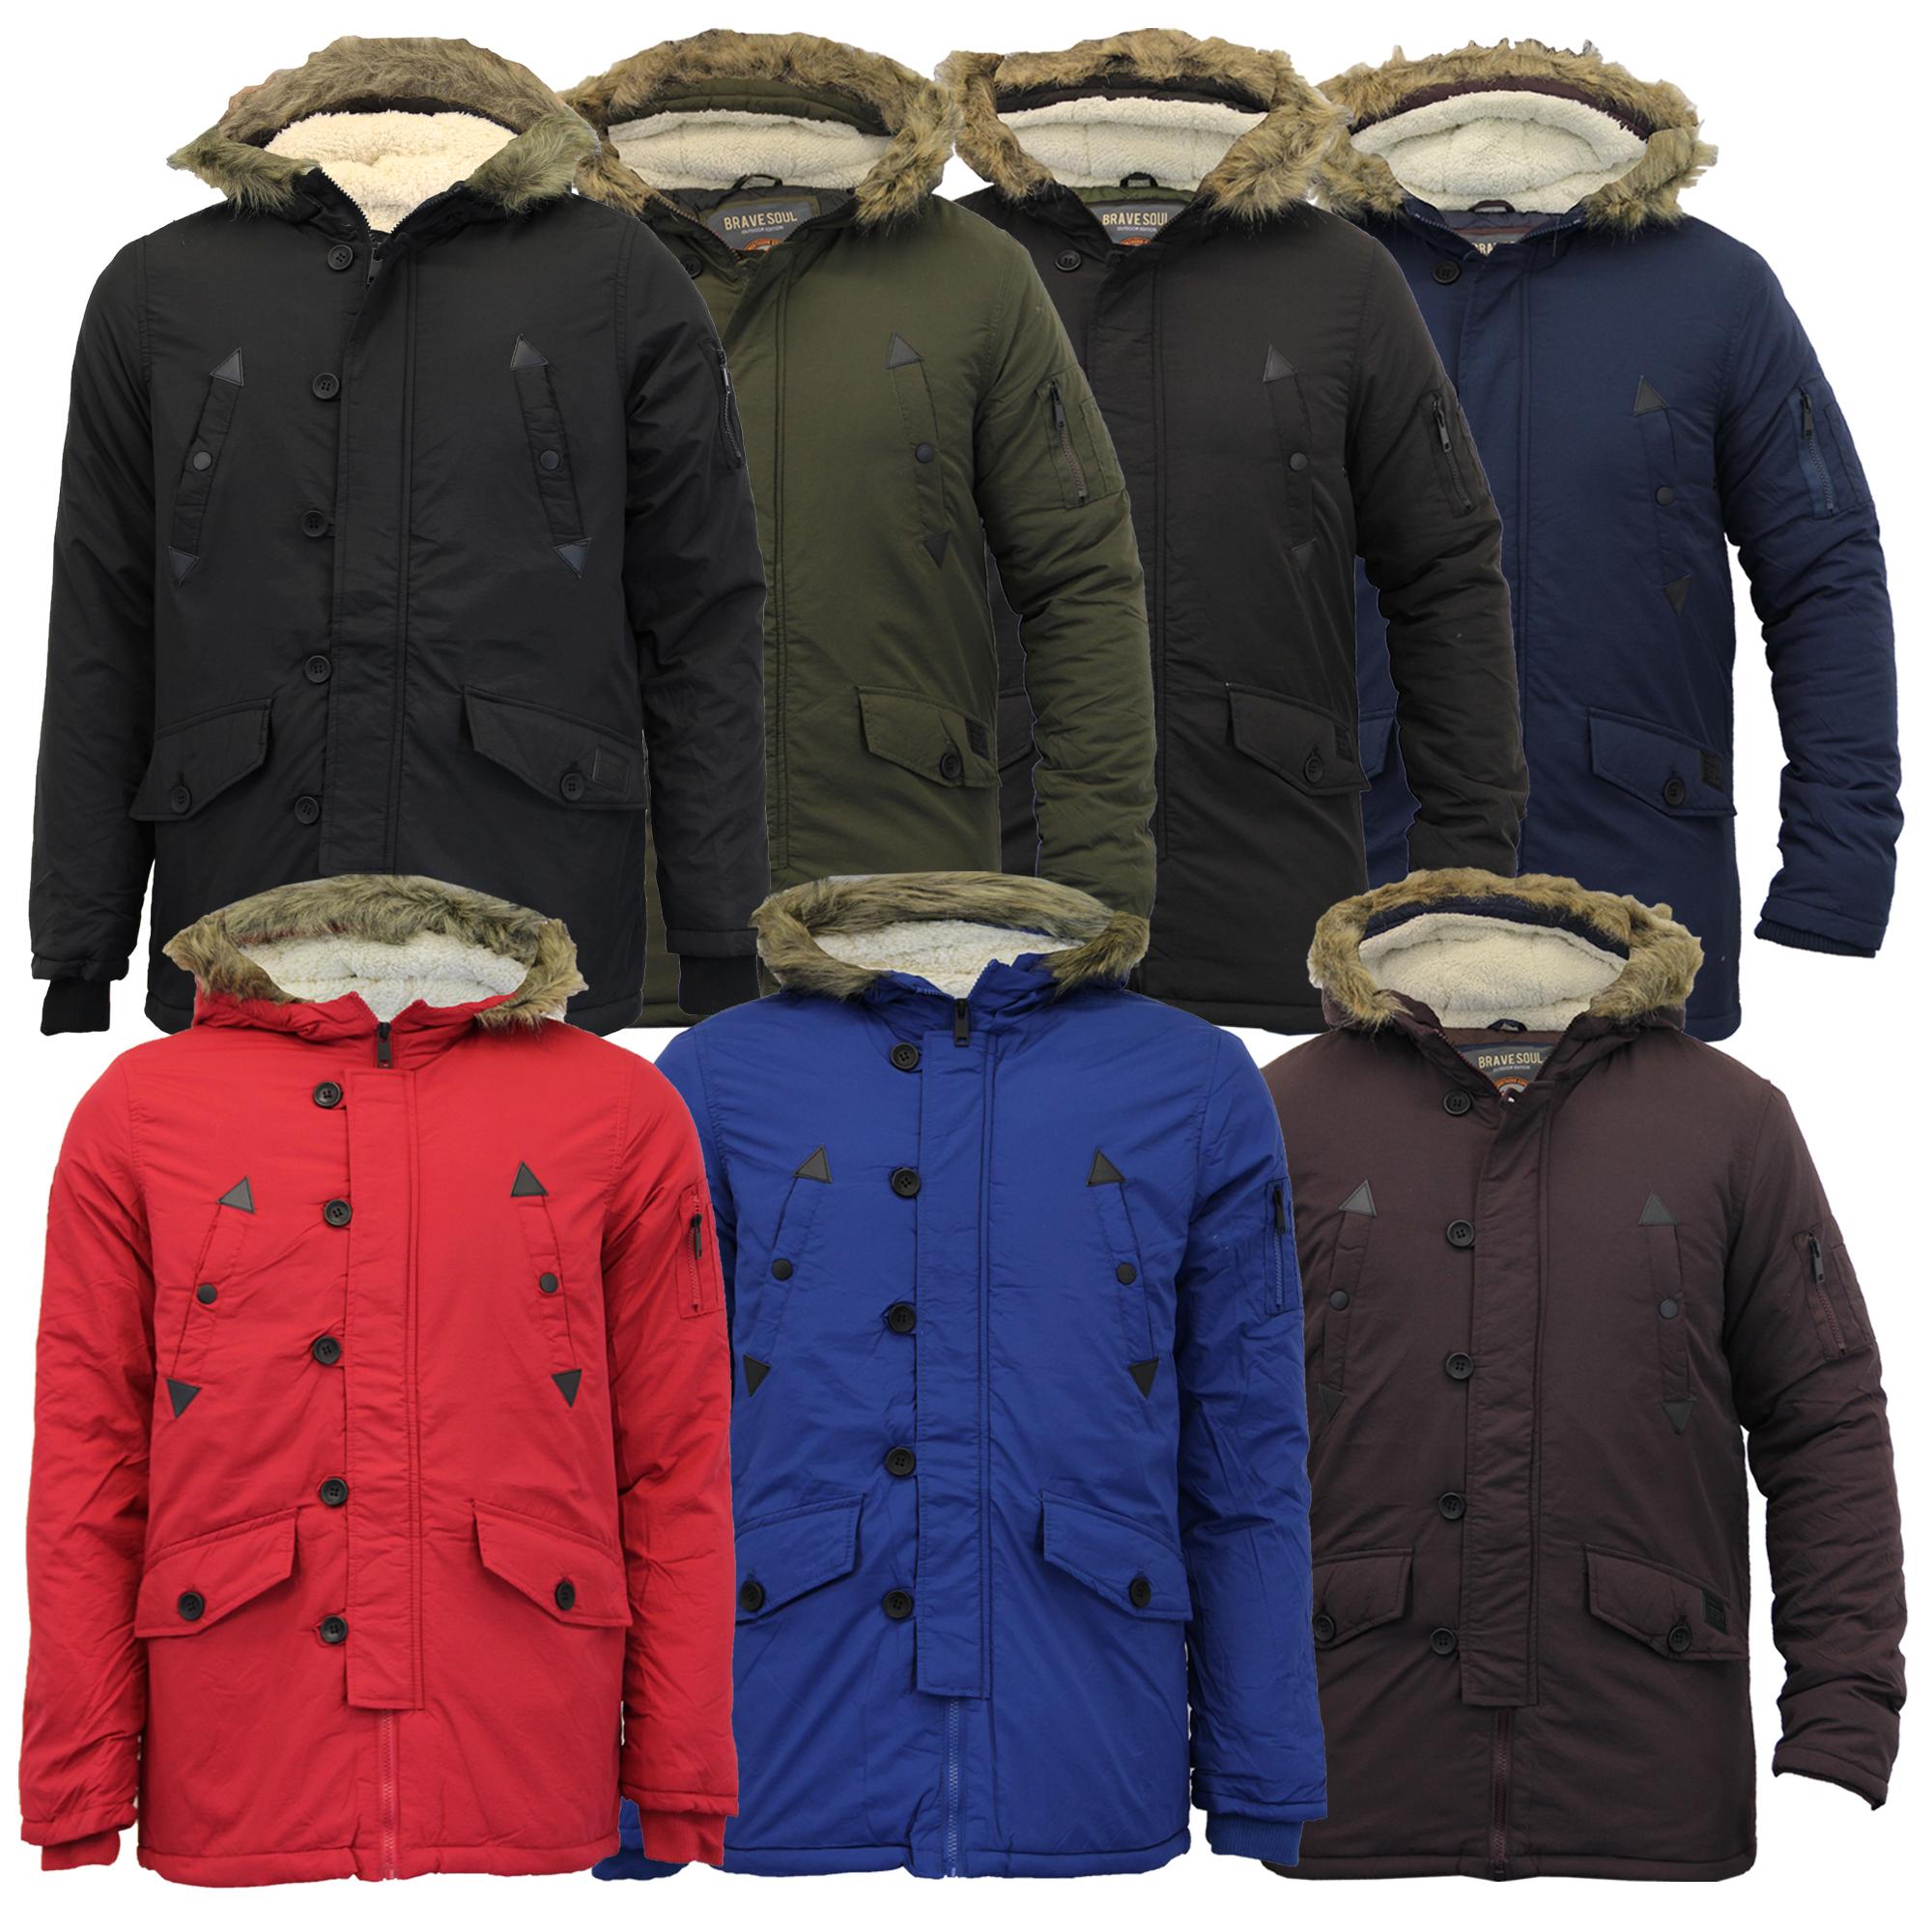 new products e47c7 0cf0b Dettagli su Uomo Parka Brave Soul Giacca Sherpa in Pile Imbottito con  Cappuccio Inverno